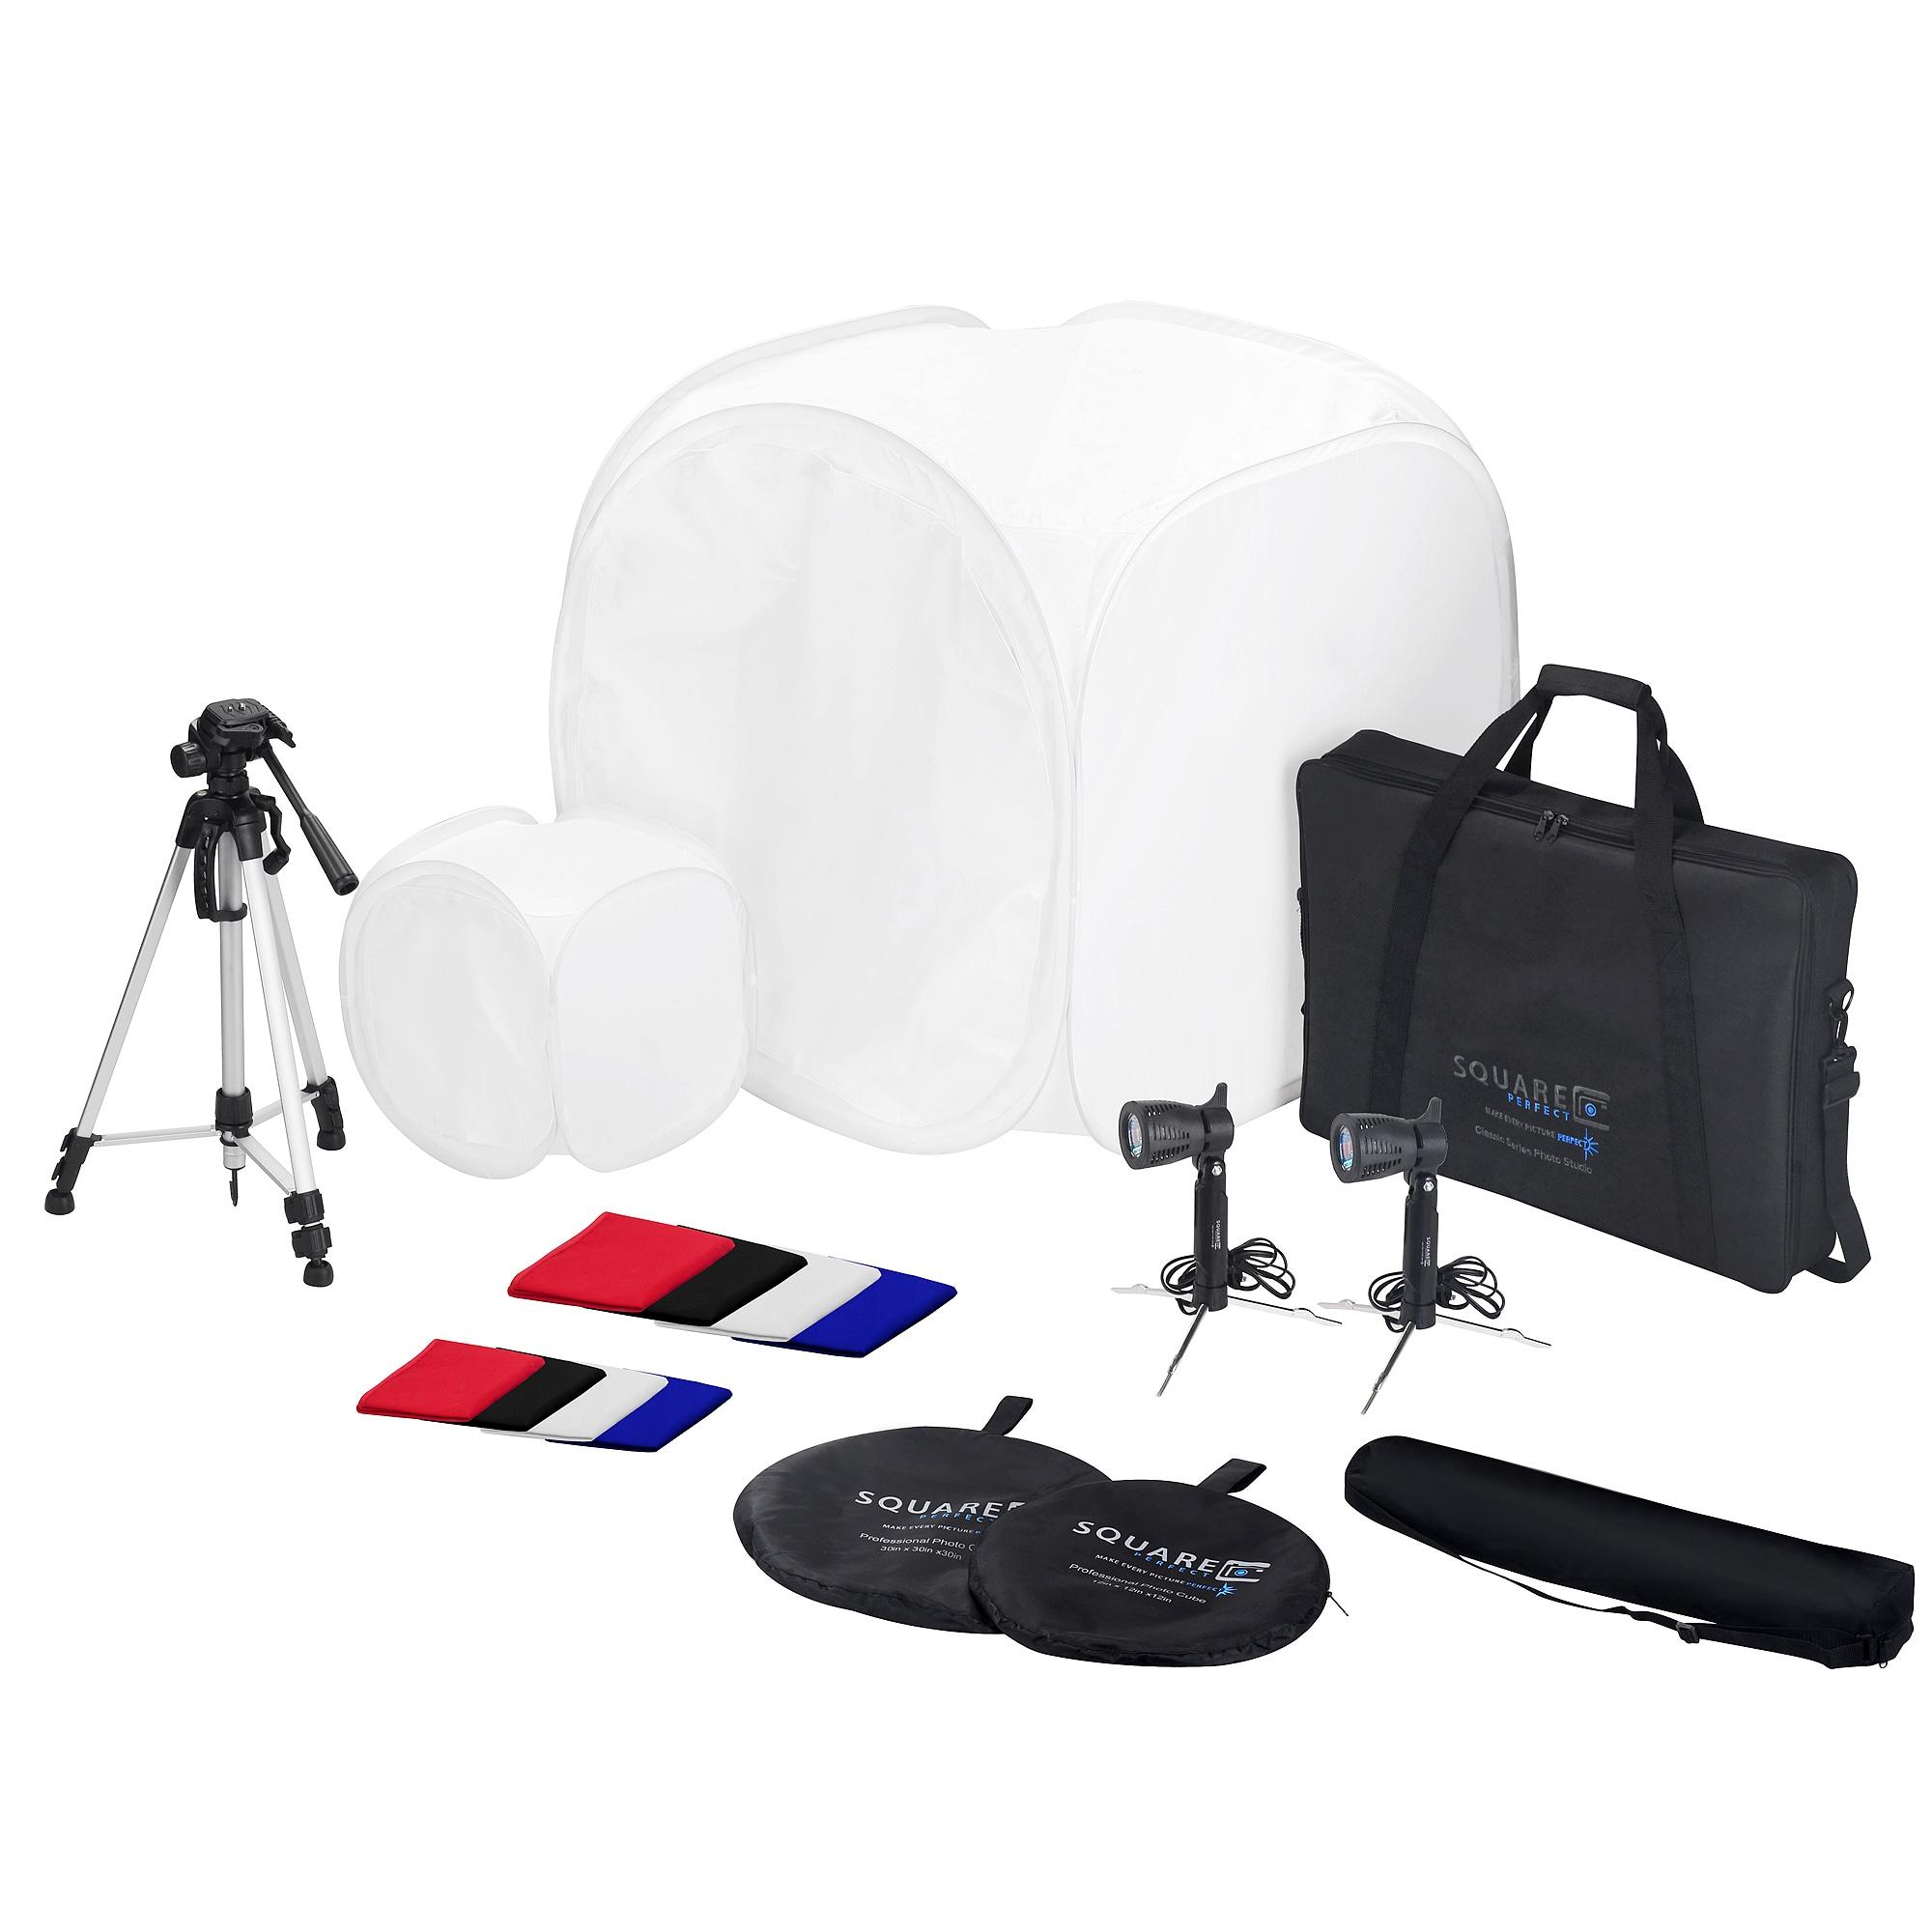 Shop Square Perfect Premium Studio In A Box Light Tent Cube For